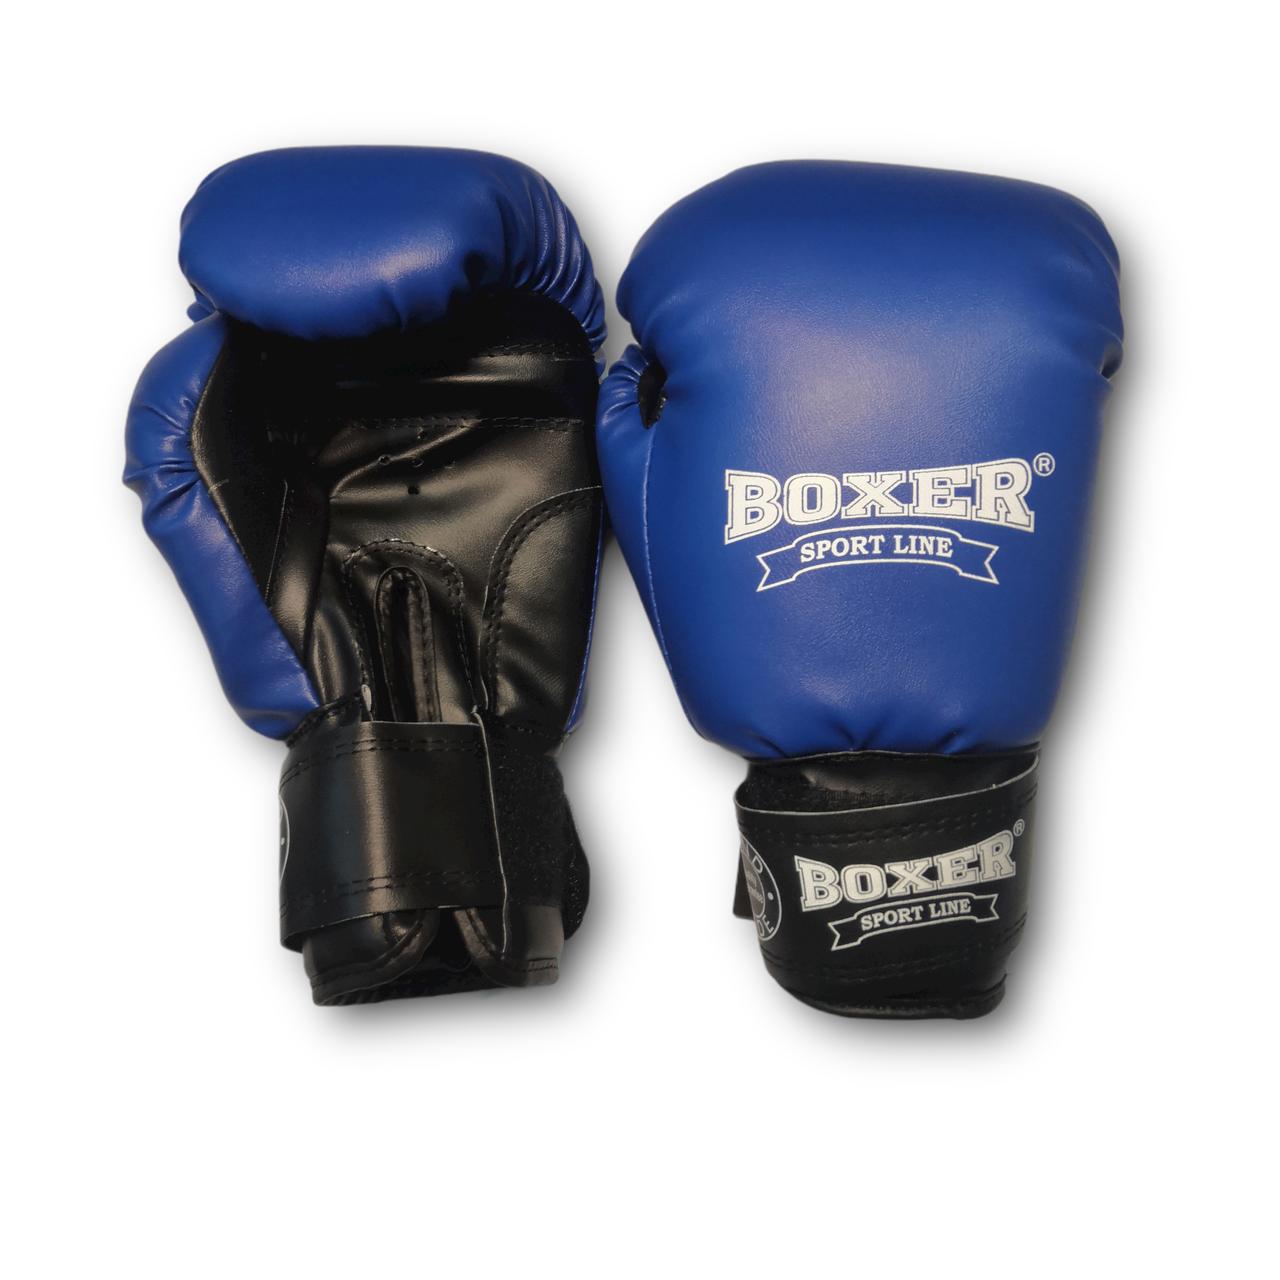 Боксерские перчатки 10 оz кожвинил Элит, синие BOXER